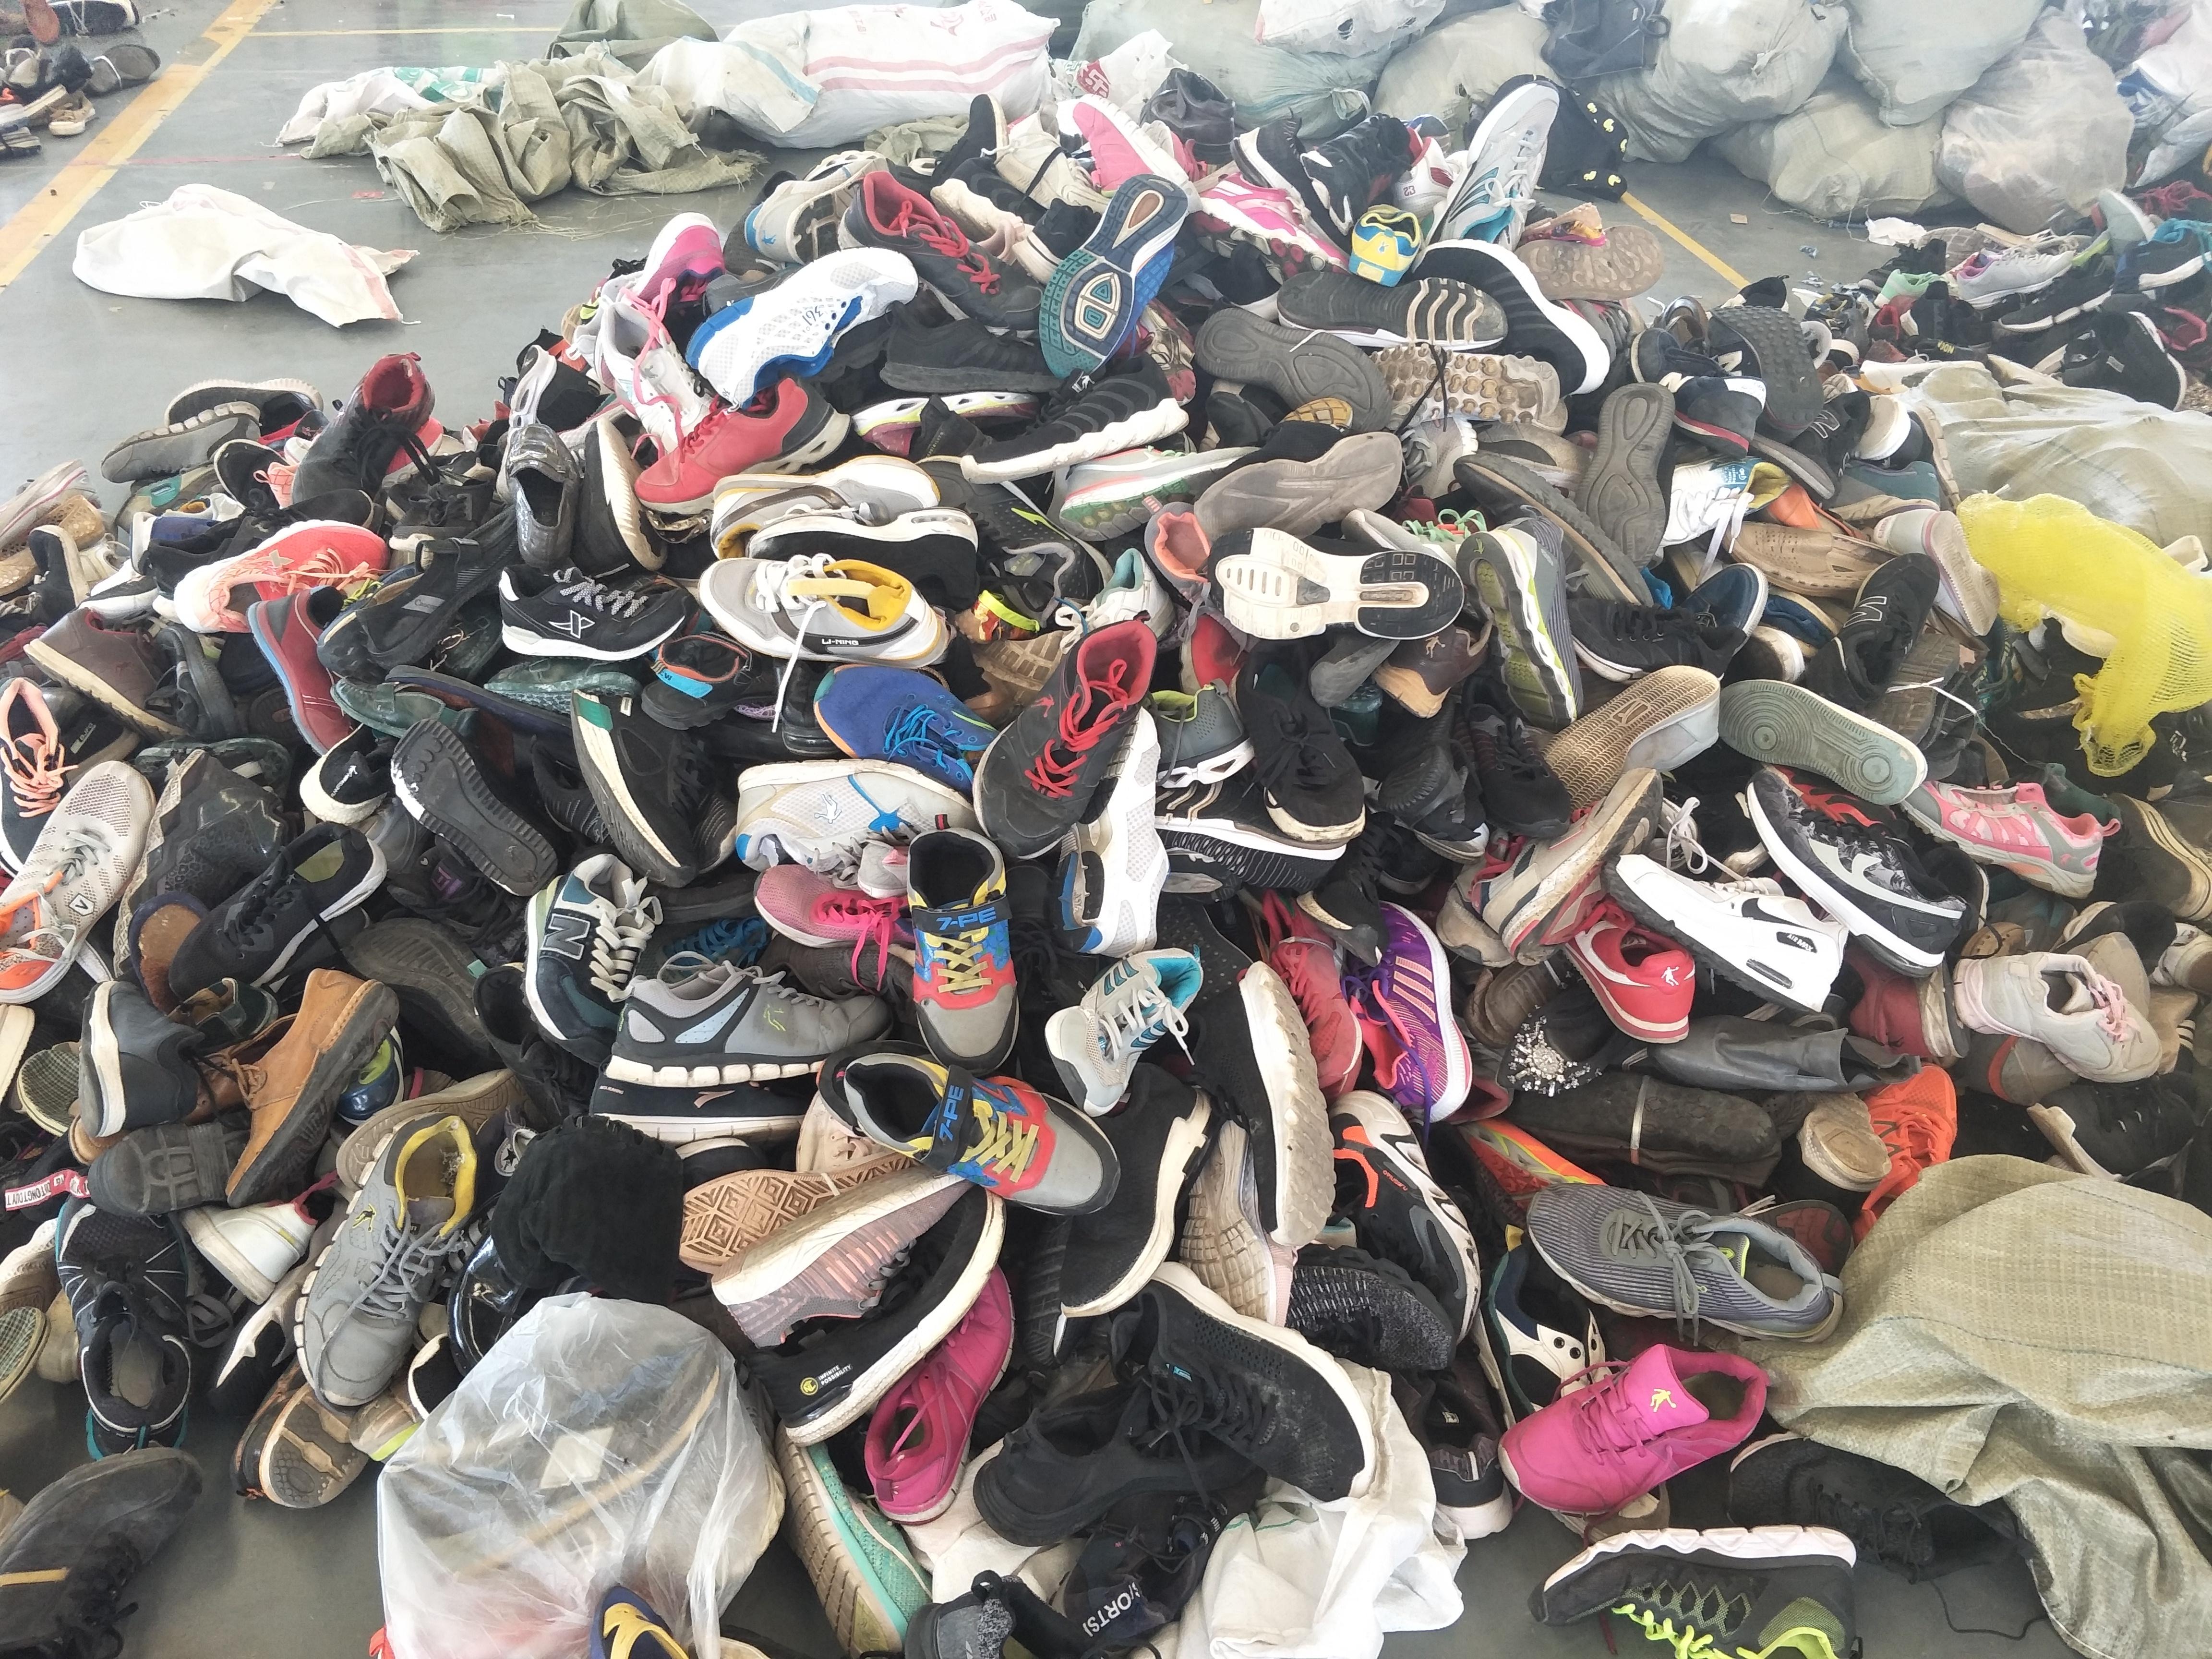 新手做旧衣服回收行业,怎么找到回收的厂家对接渠道,比较稳定?